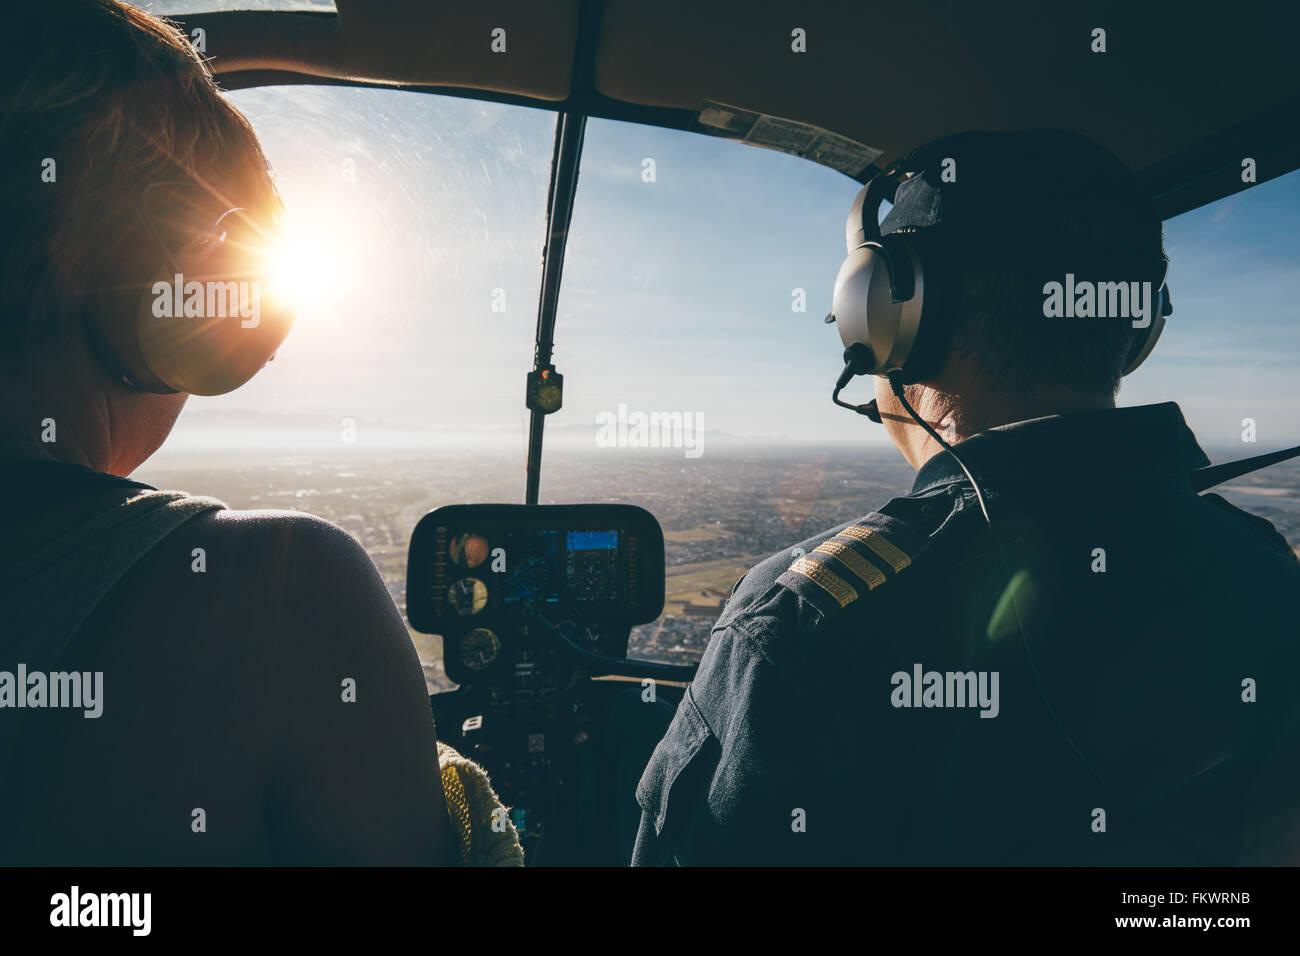 Zwei Piloten in einem Hubschrauber während des Fluges an einem sonnigen Tag. Rückansicht-Schuss von Mann Stockbild